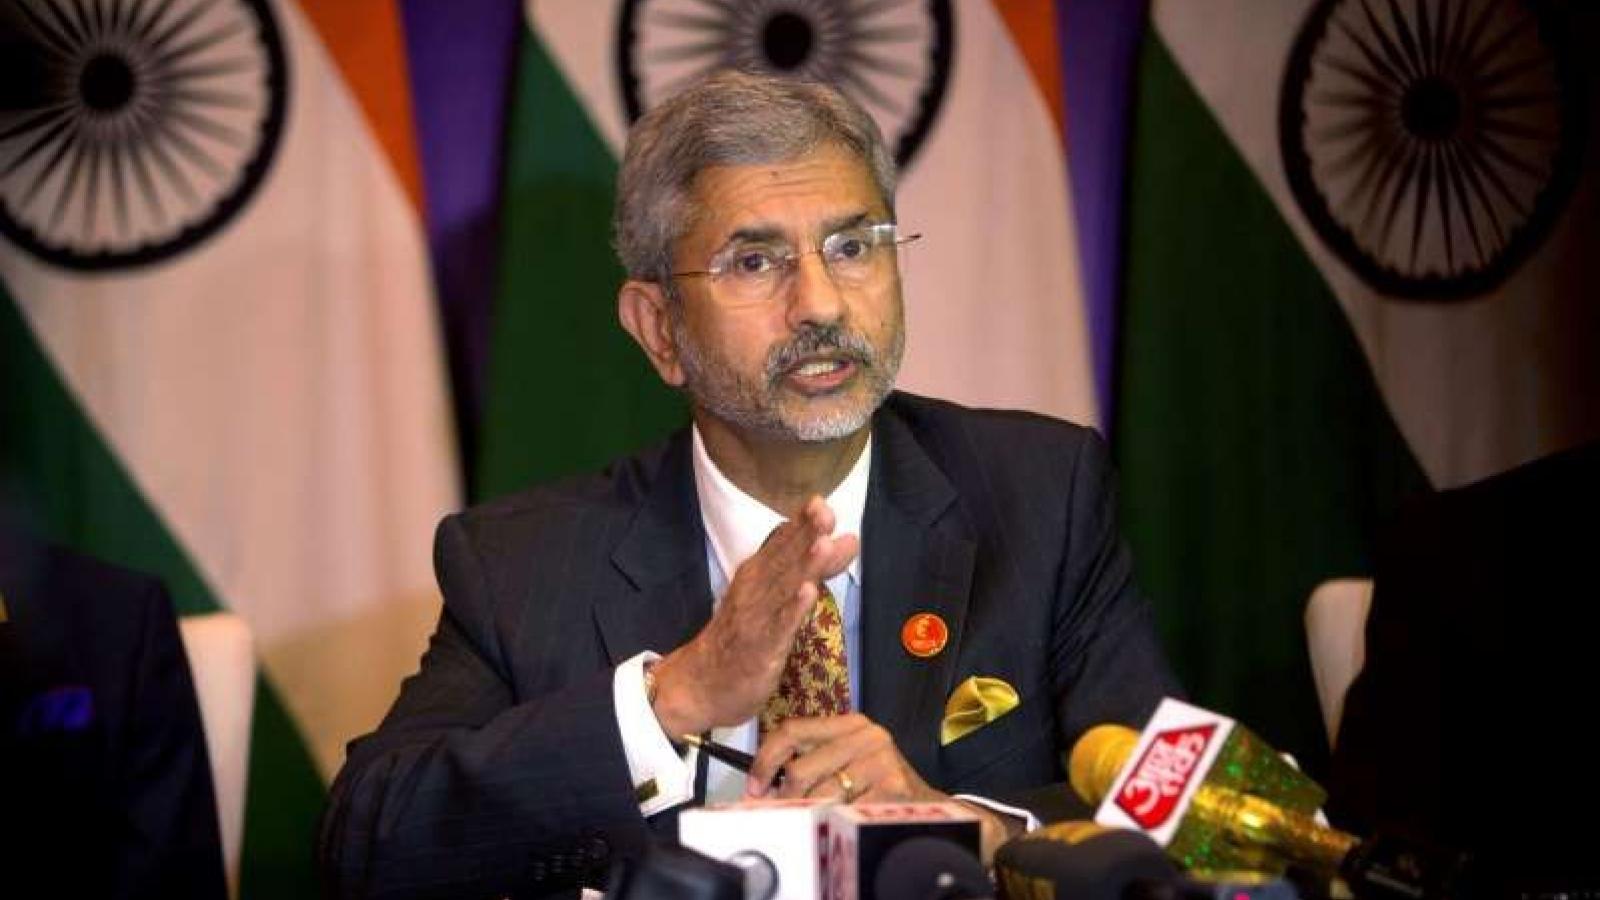 Thượng đỉnh Đông Á: Ấn Độ quan ngại sự suy giảm lòng tin tại Biển Đông